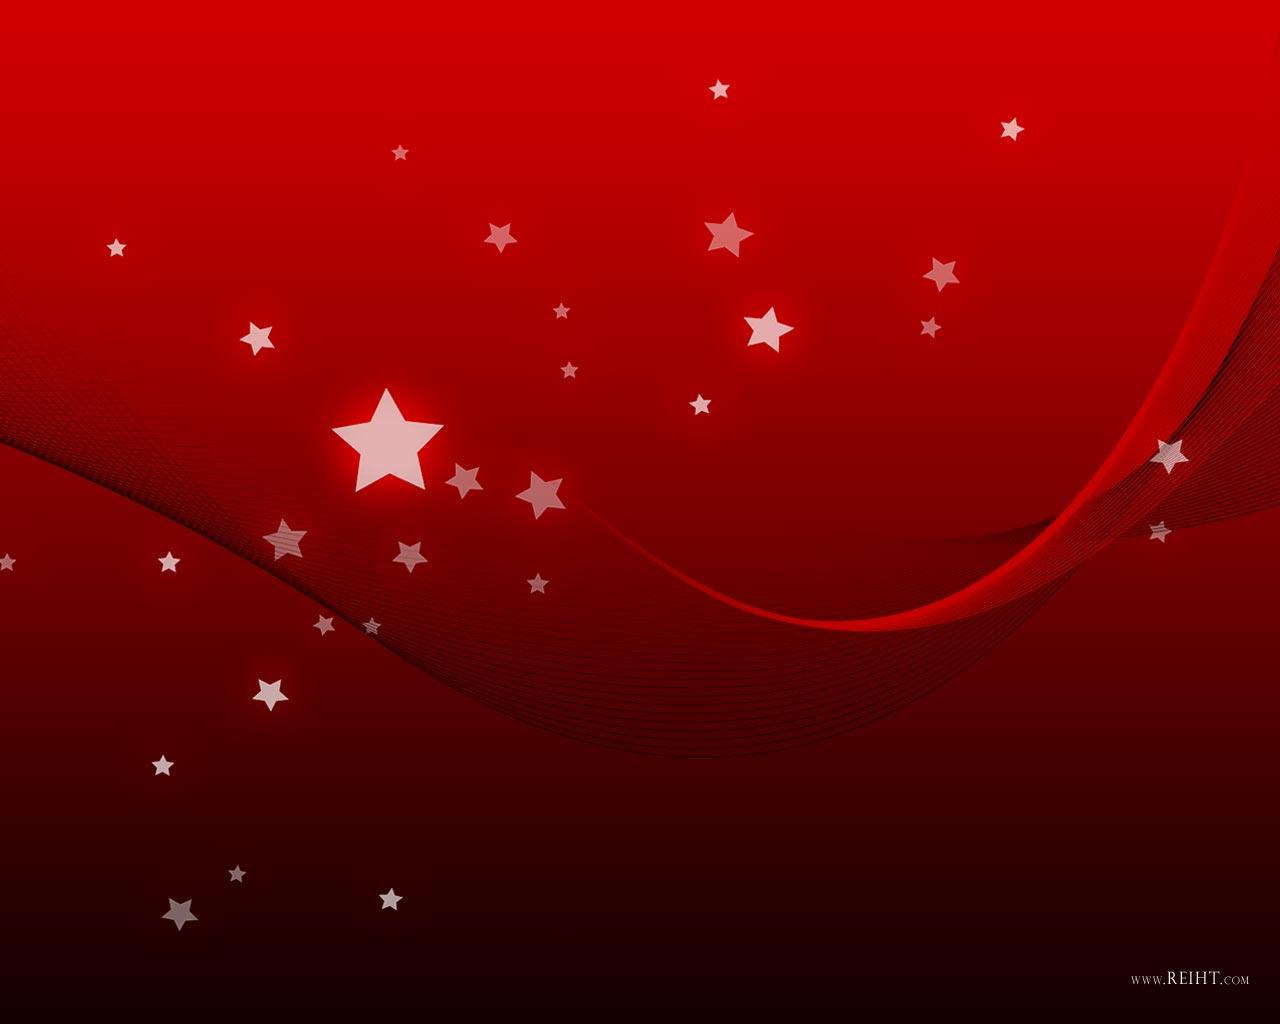 http://3.bp.blogspot.com/-JjI7lRYihhQ/UQ6OlrTRRAI/AAAAAAAAAJs/FPr7dkqsEJs/s1600/red-star-wallpaper.jpg